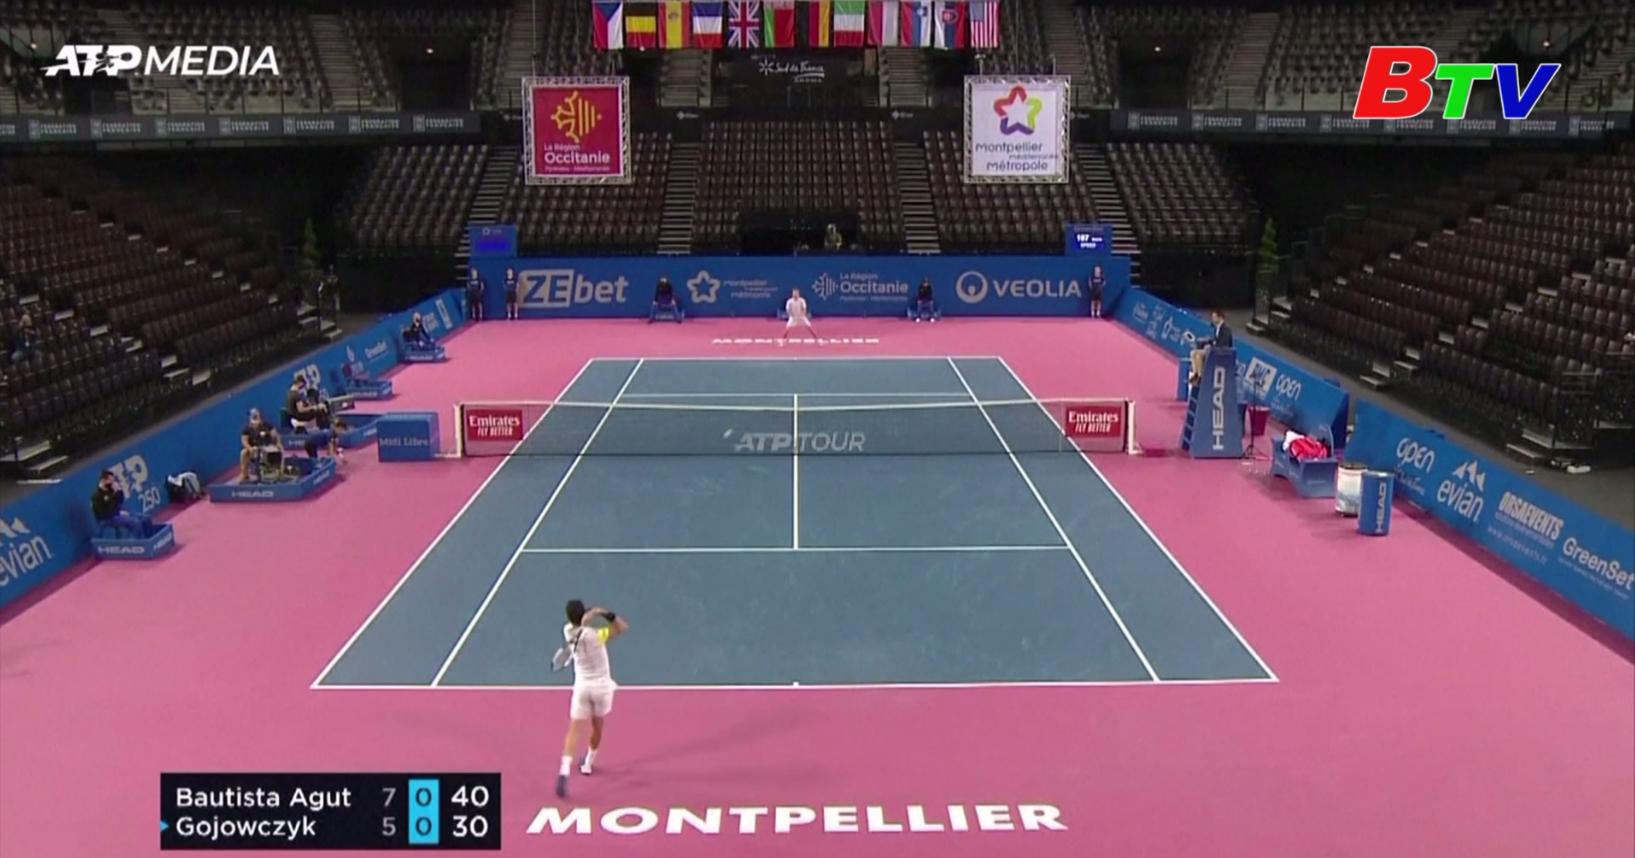 Kết quả vòng bán kết Giải quần vợt Open Sud de France 2021